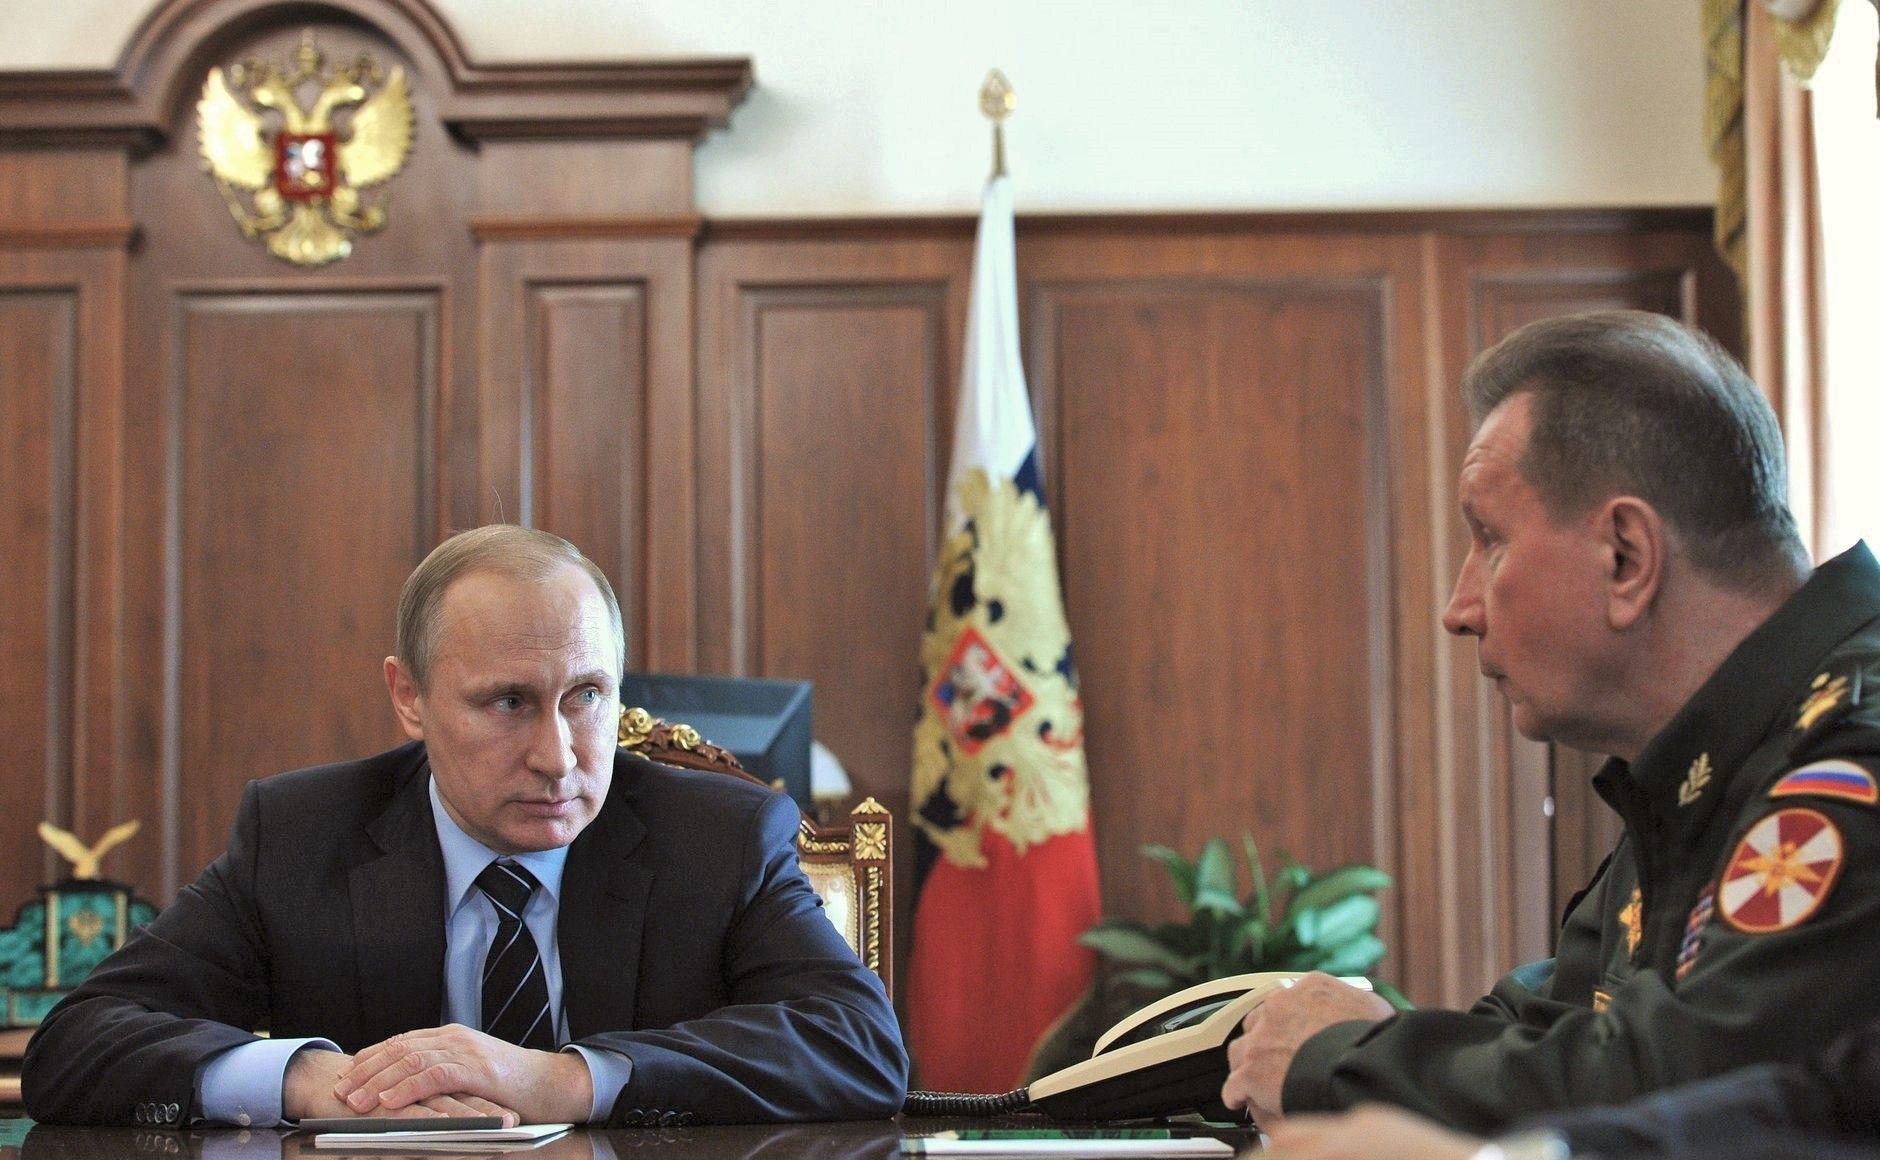 Путин и Золотов / Kremlin.ru